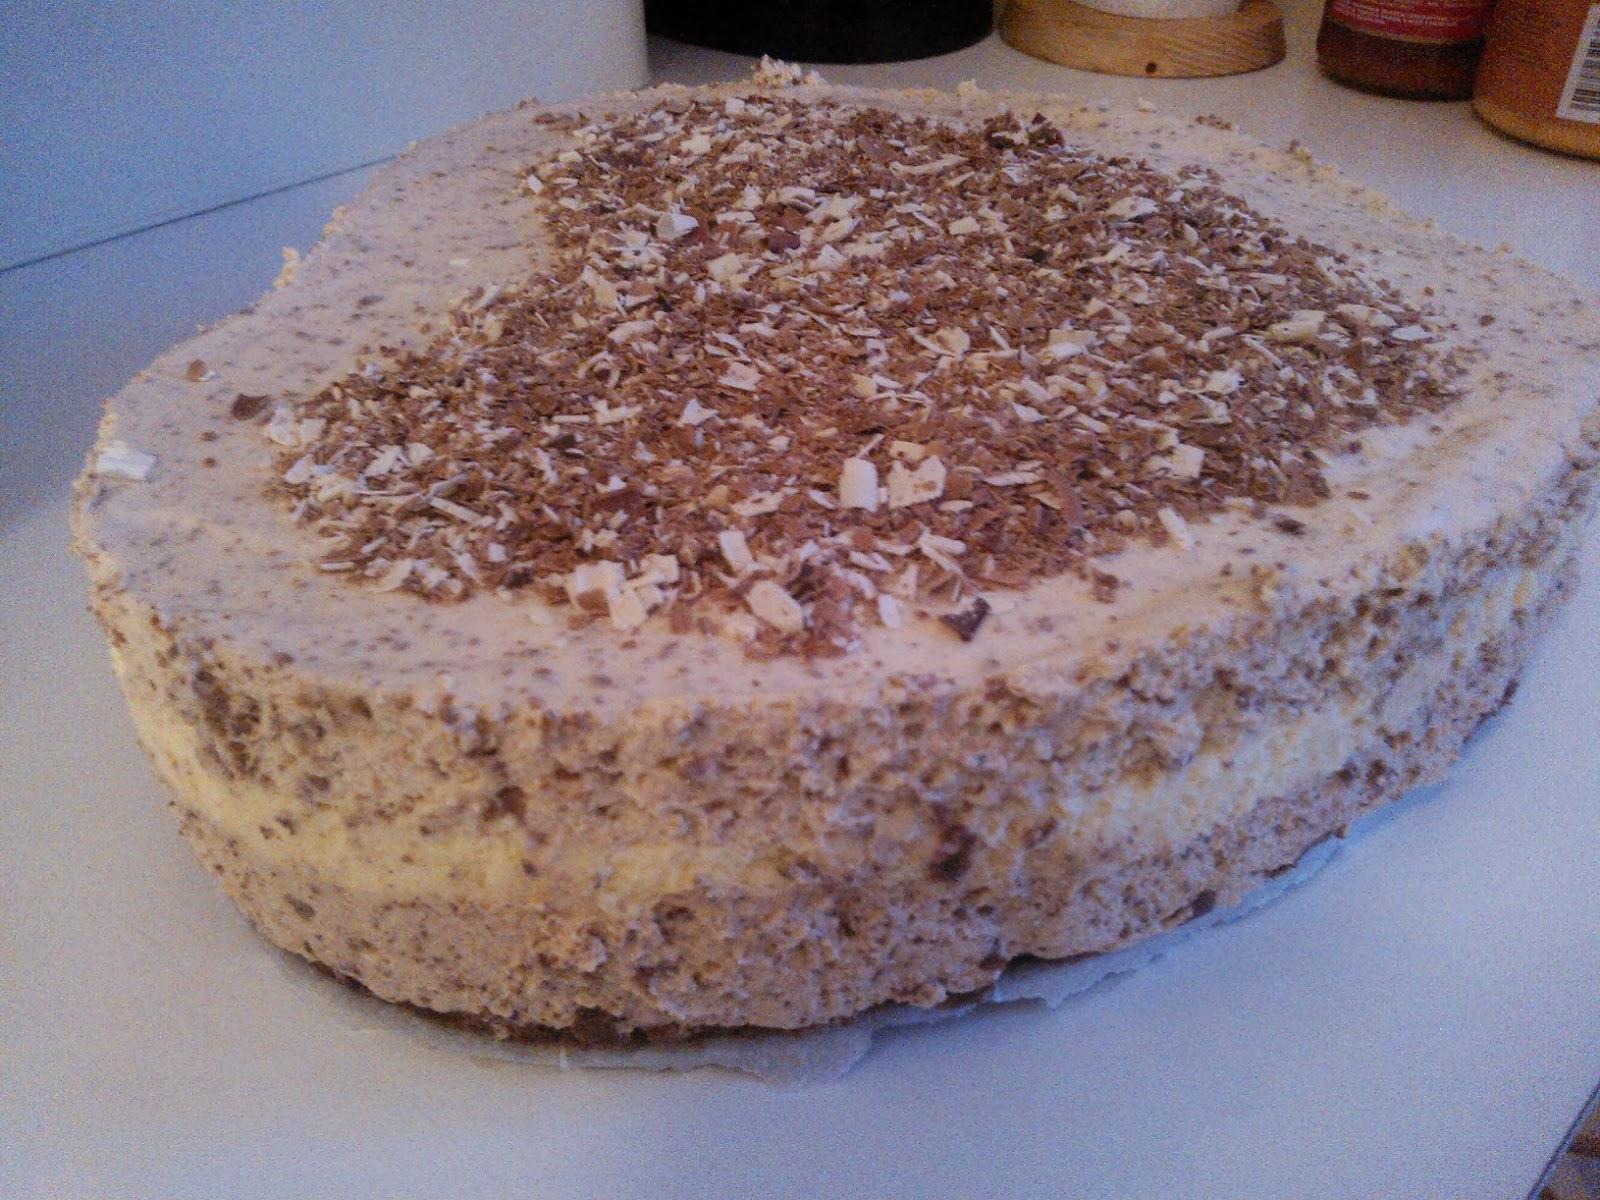 Kolmen suklaan ystävänpäivä juustokakku